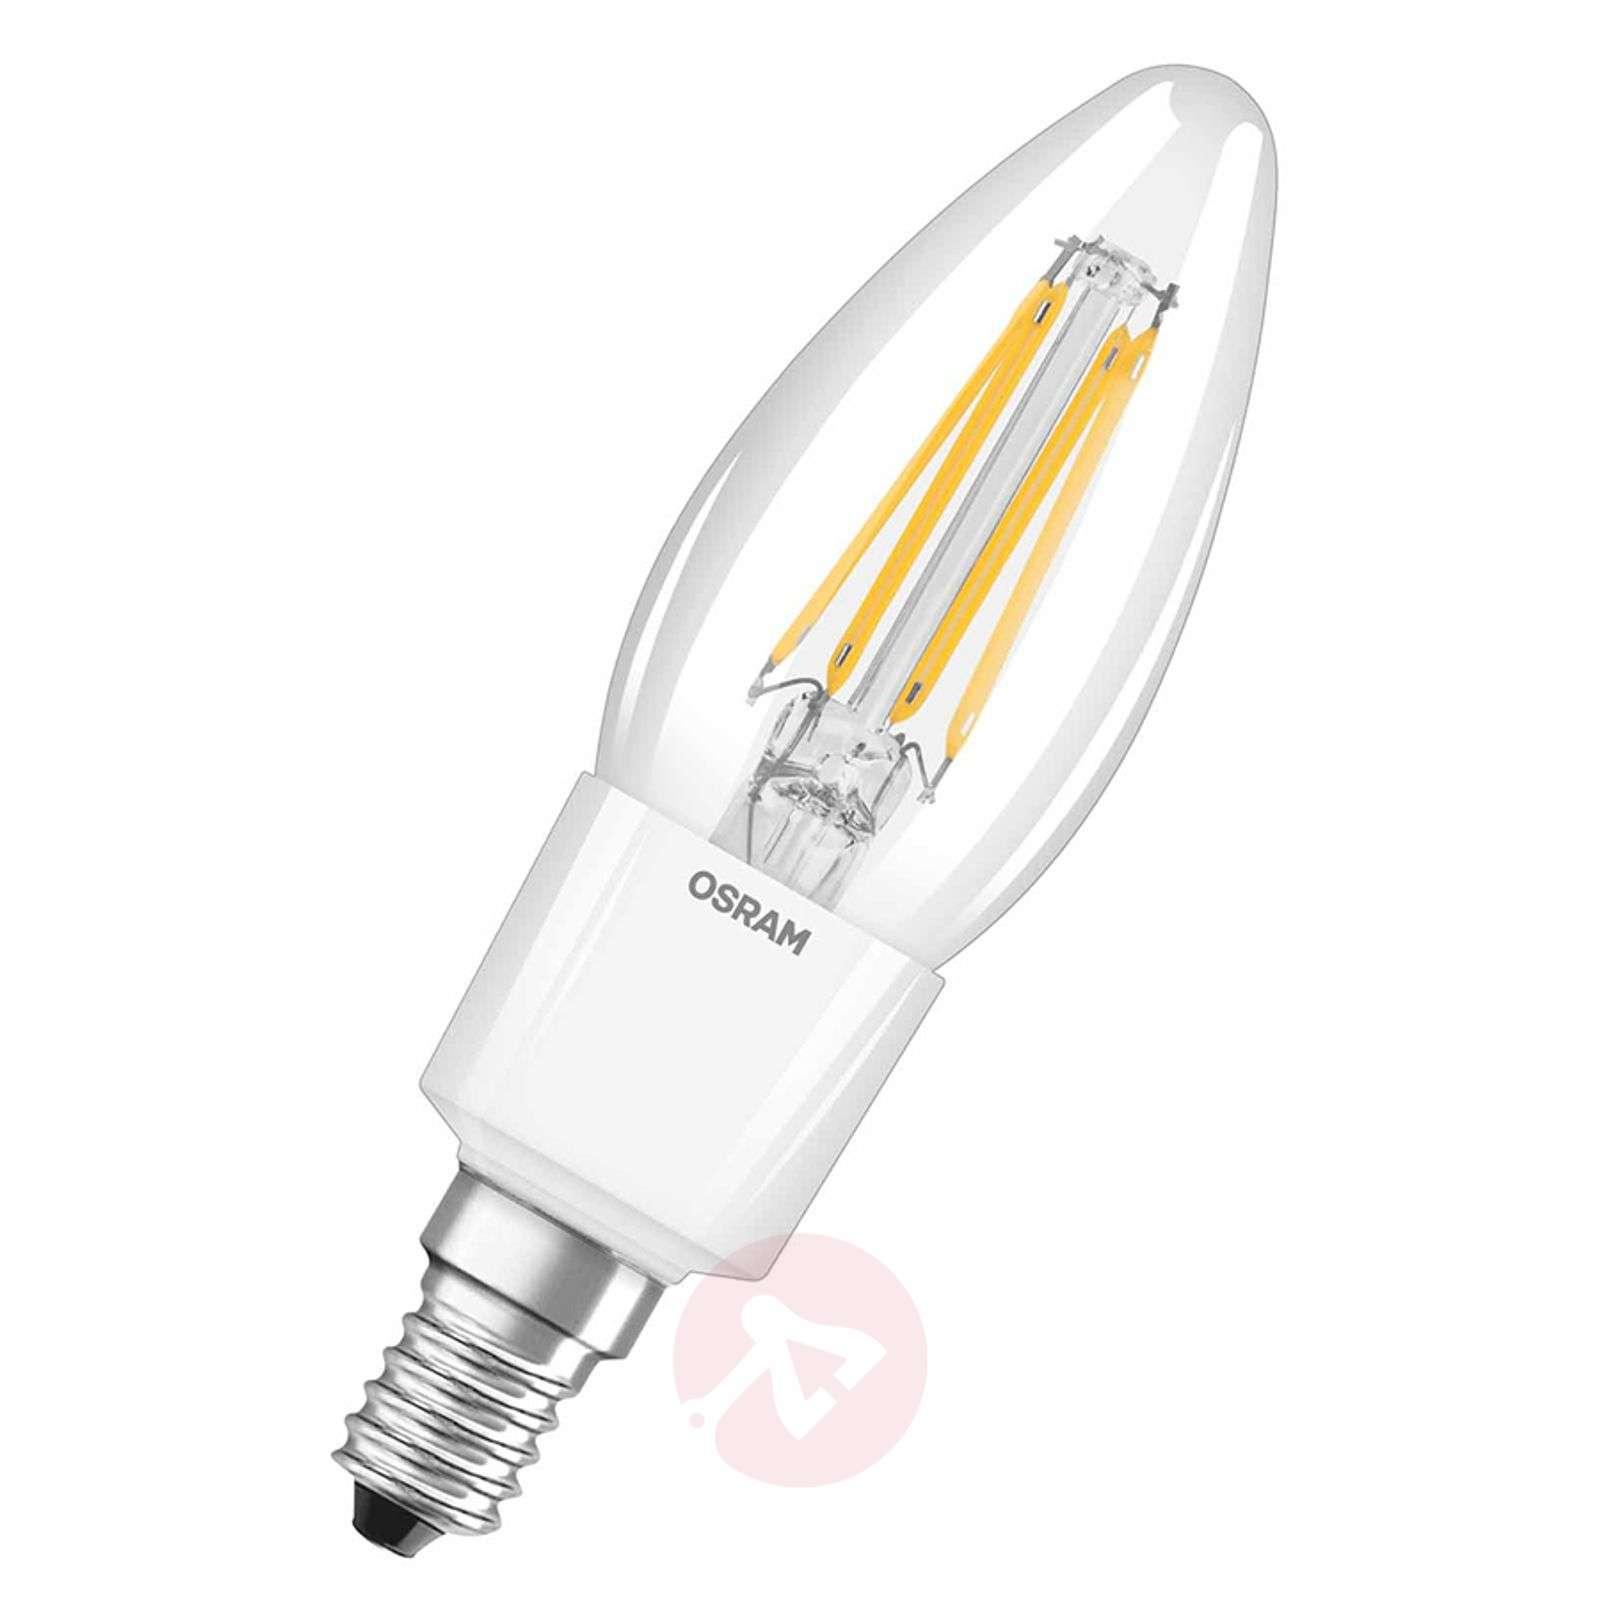 E14 4.5 W 827 LED candle bulb retrofitdimmable-7260876-01